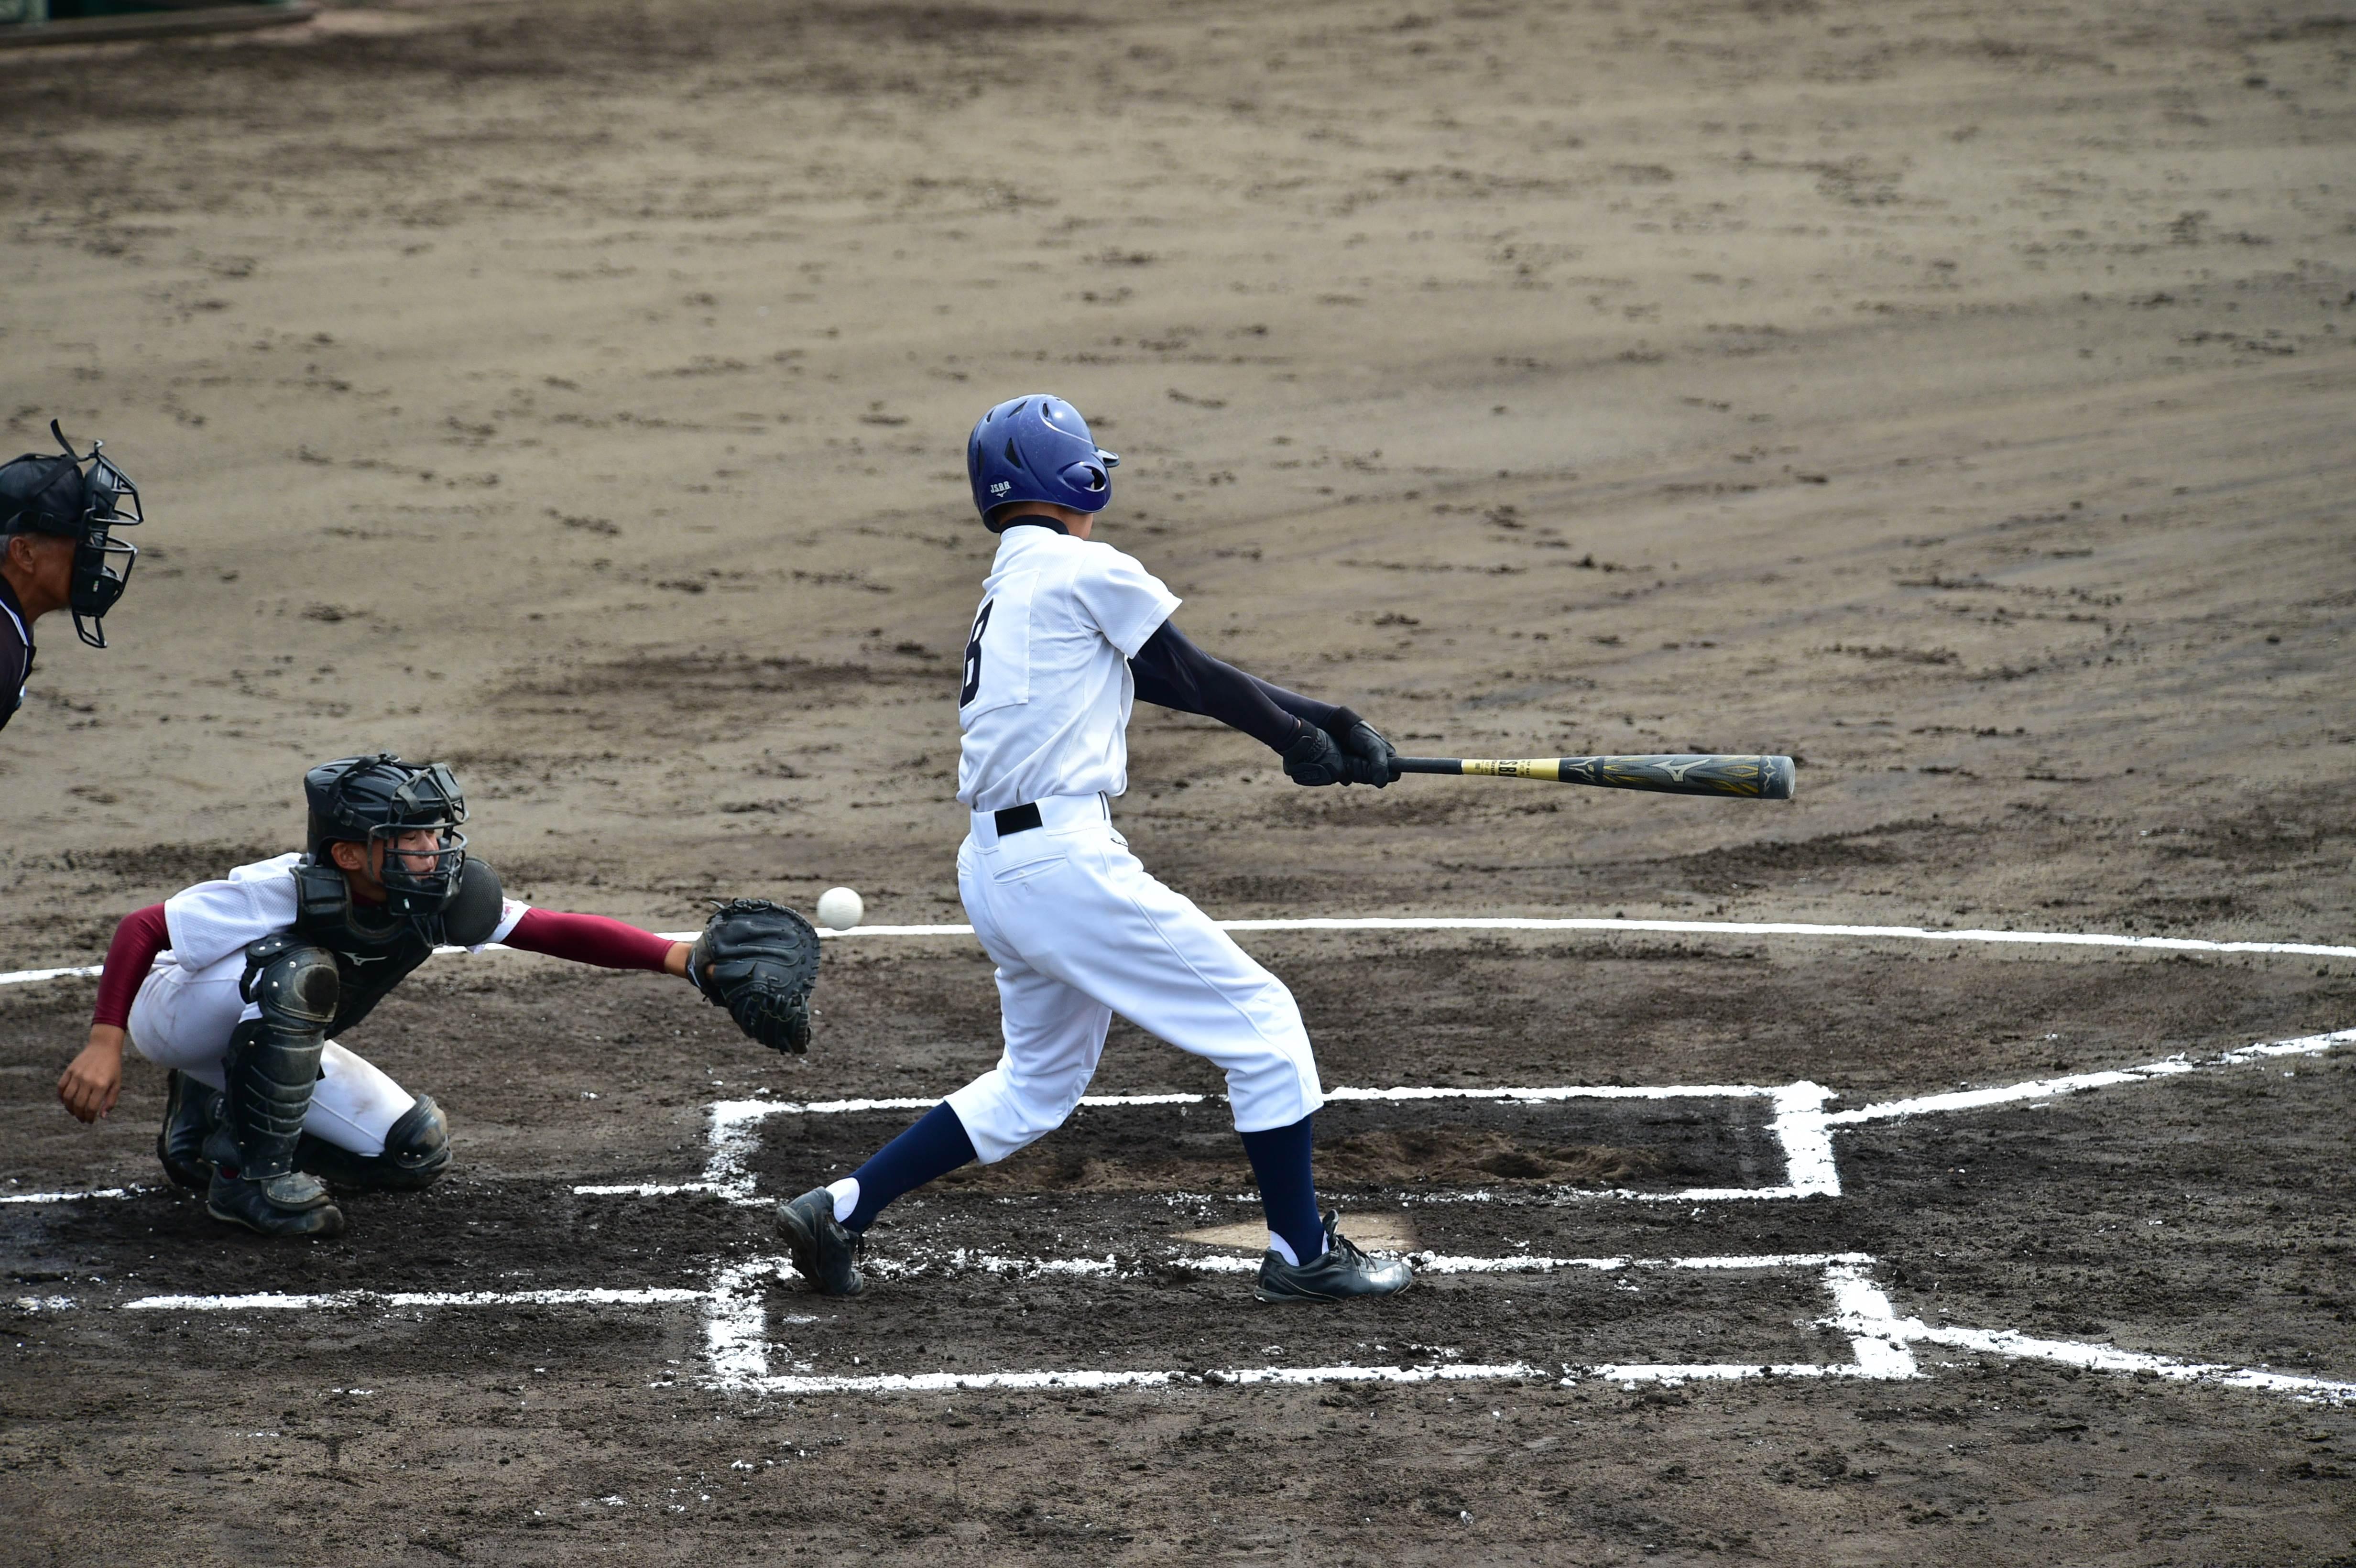 軟式野球 (65)